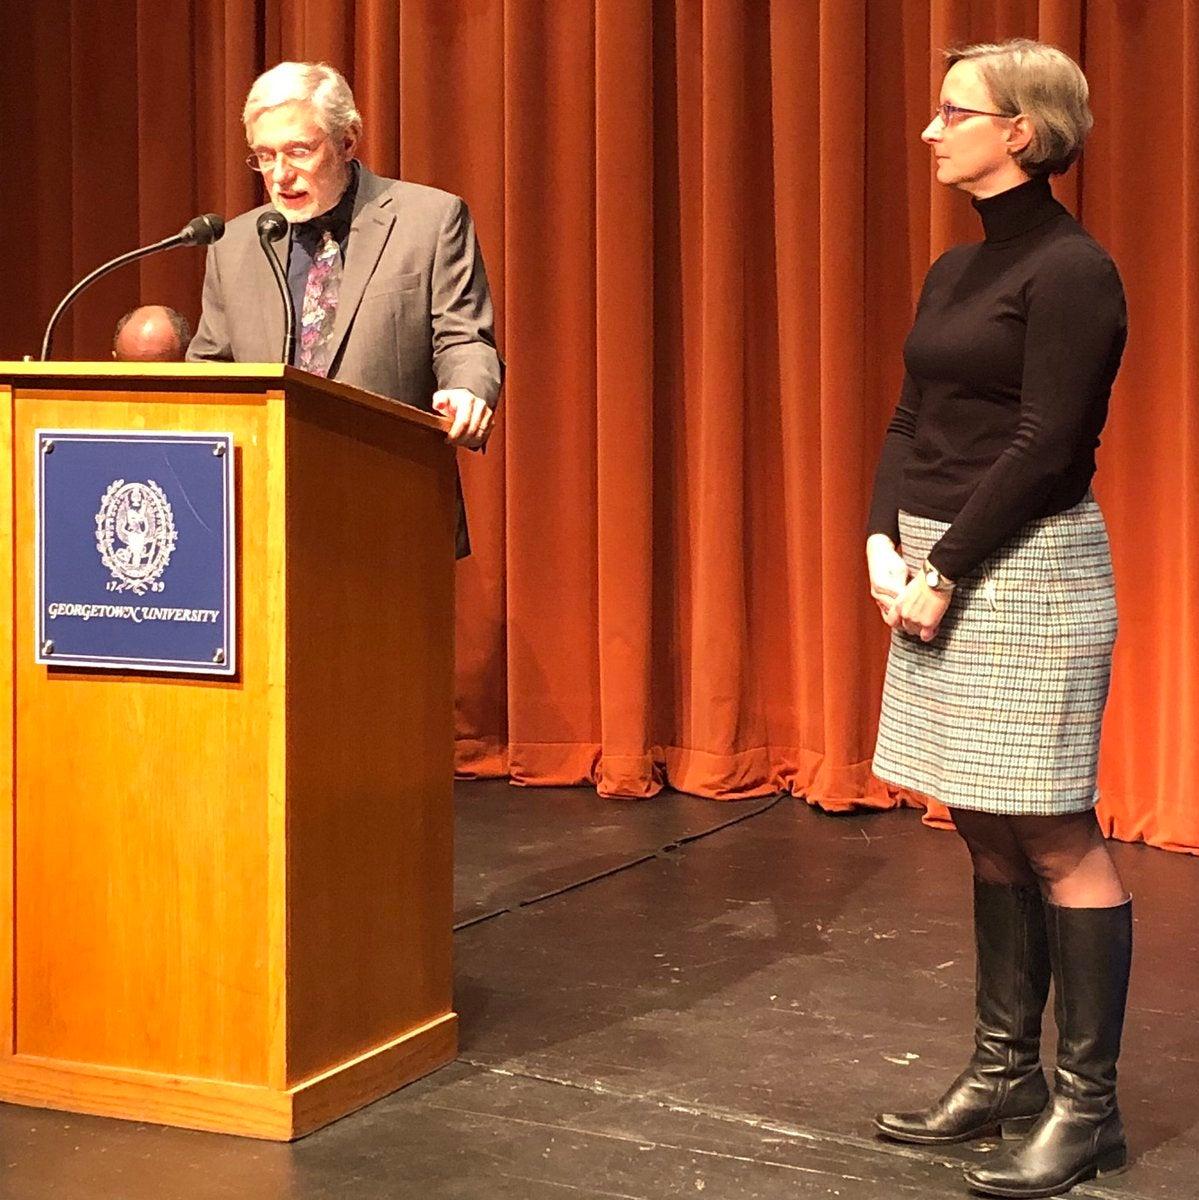 Jennifer Fox receives an award from the Biology Chair Mark Rose